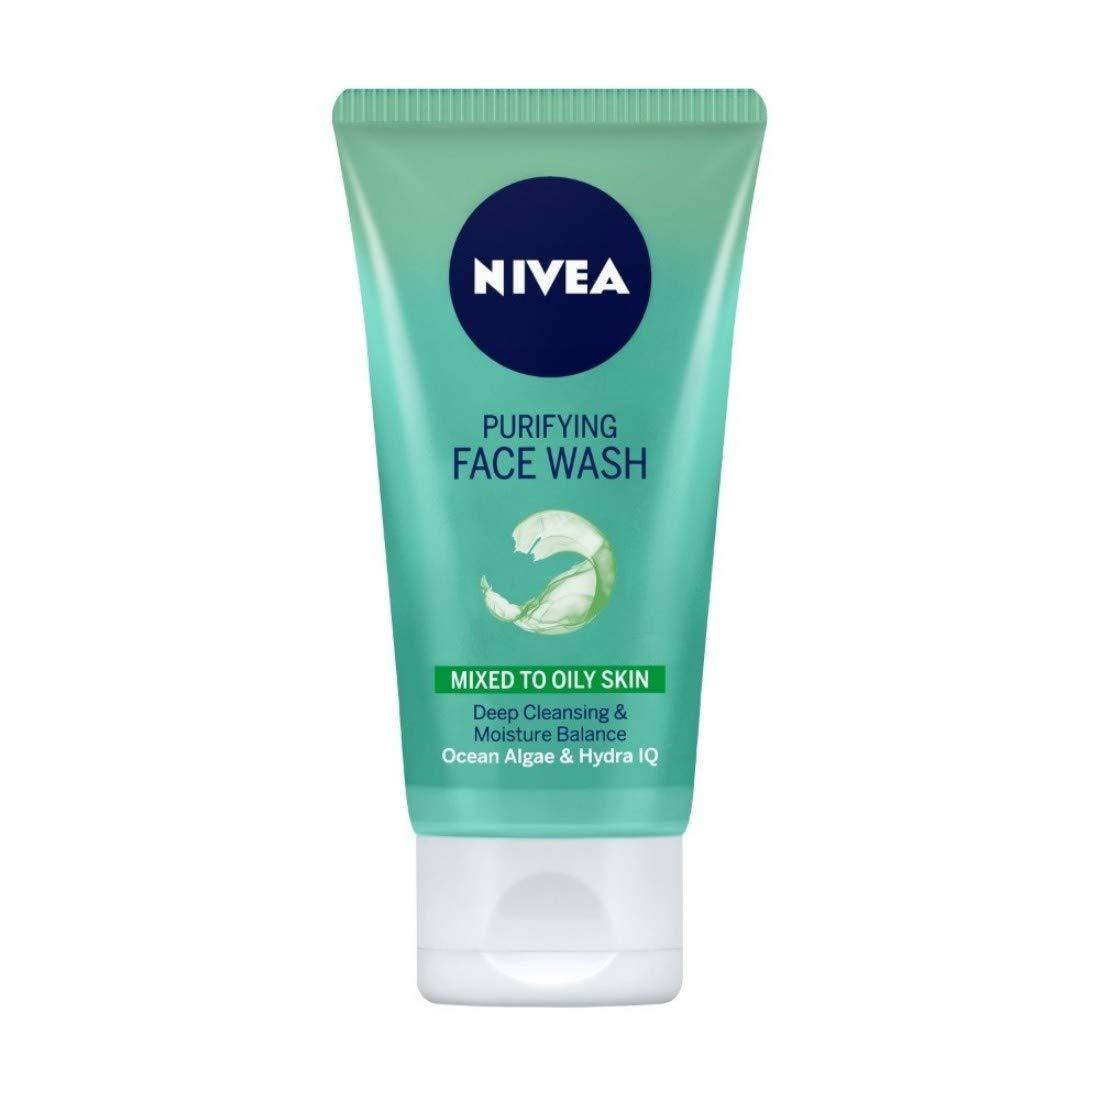 NIVEA Face Wash, Purifying With Ocean Algae & Hydra HQ, 150ml